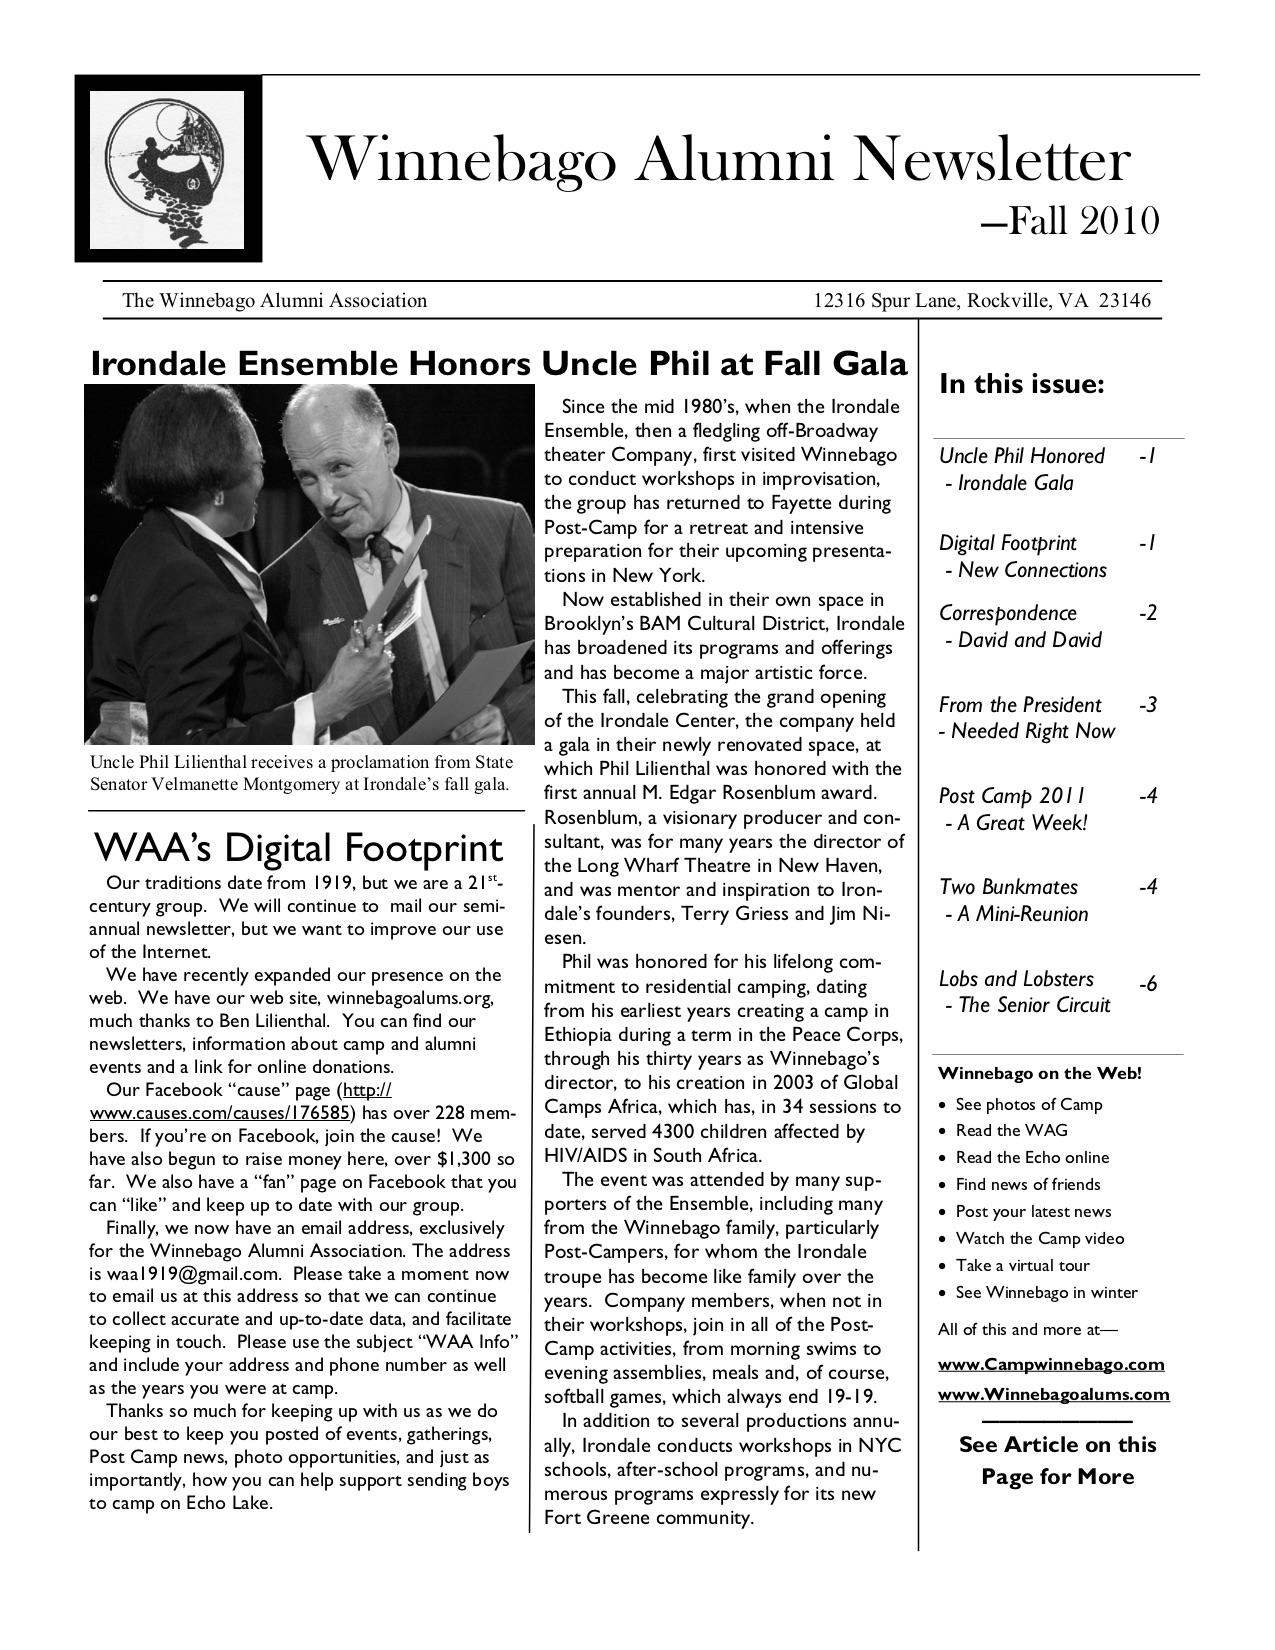 2010 Fall Newsletter.jpg